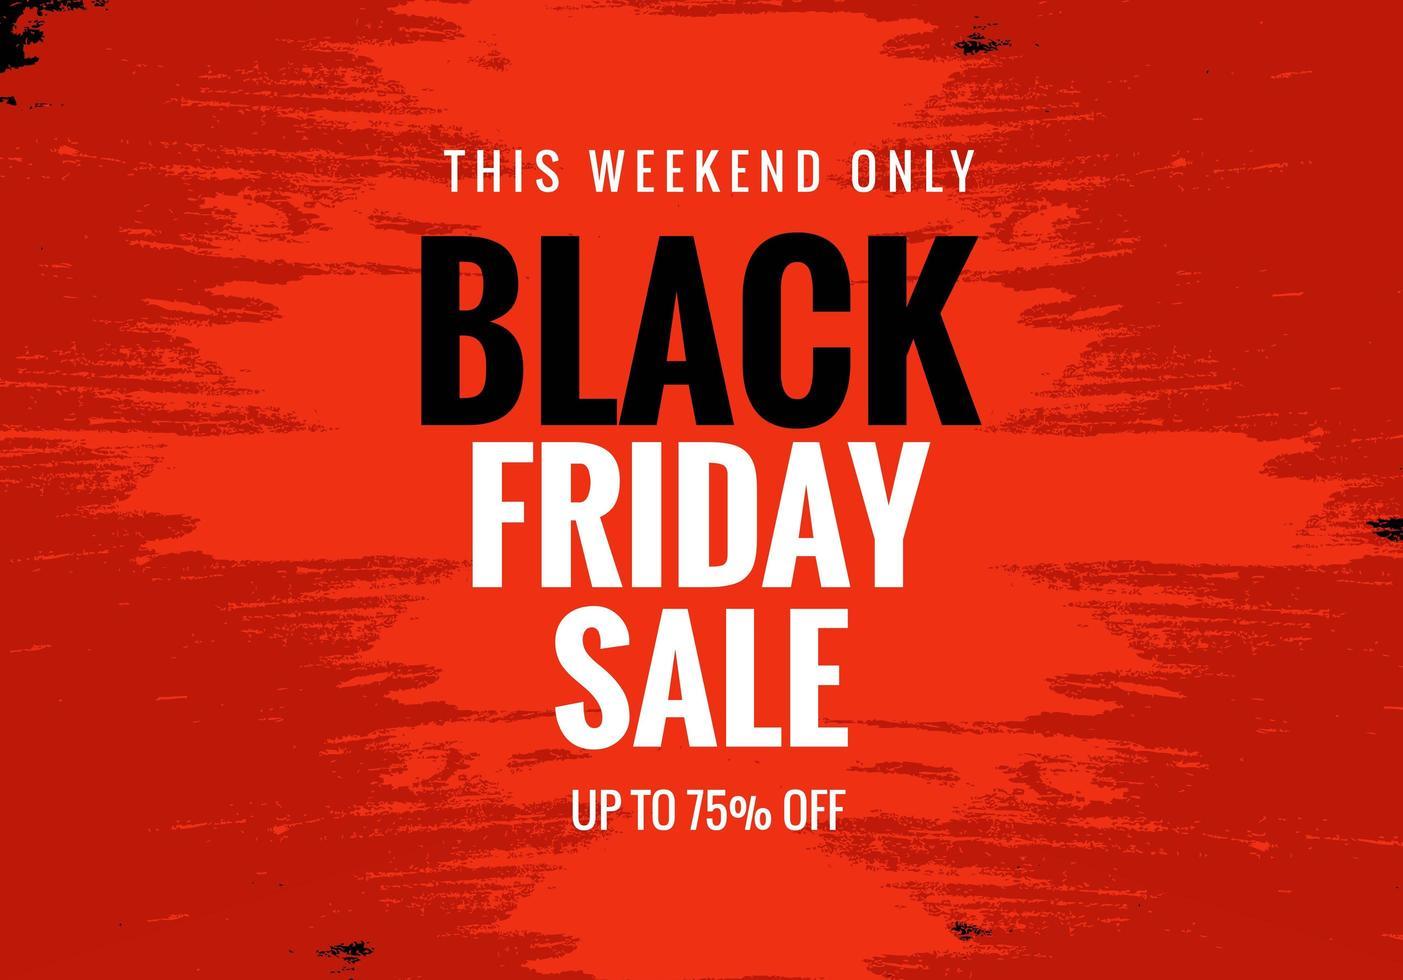 venda sexta-feira negra para fundo de layout de banner vetor